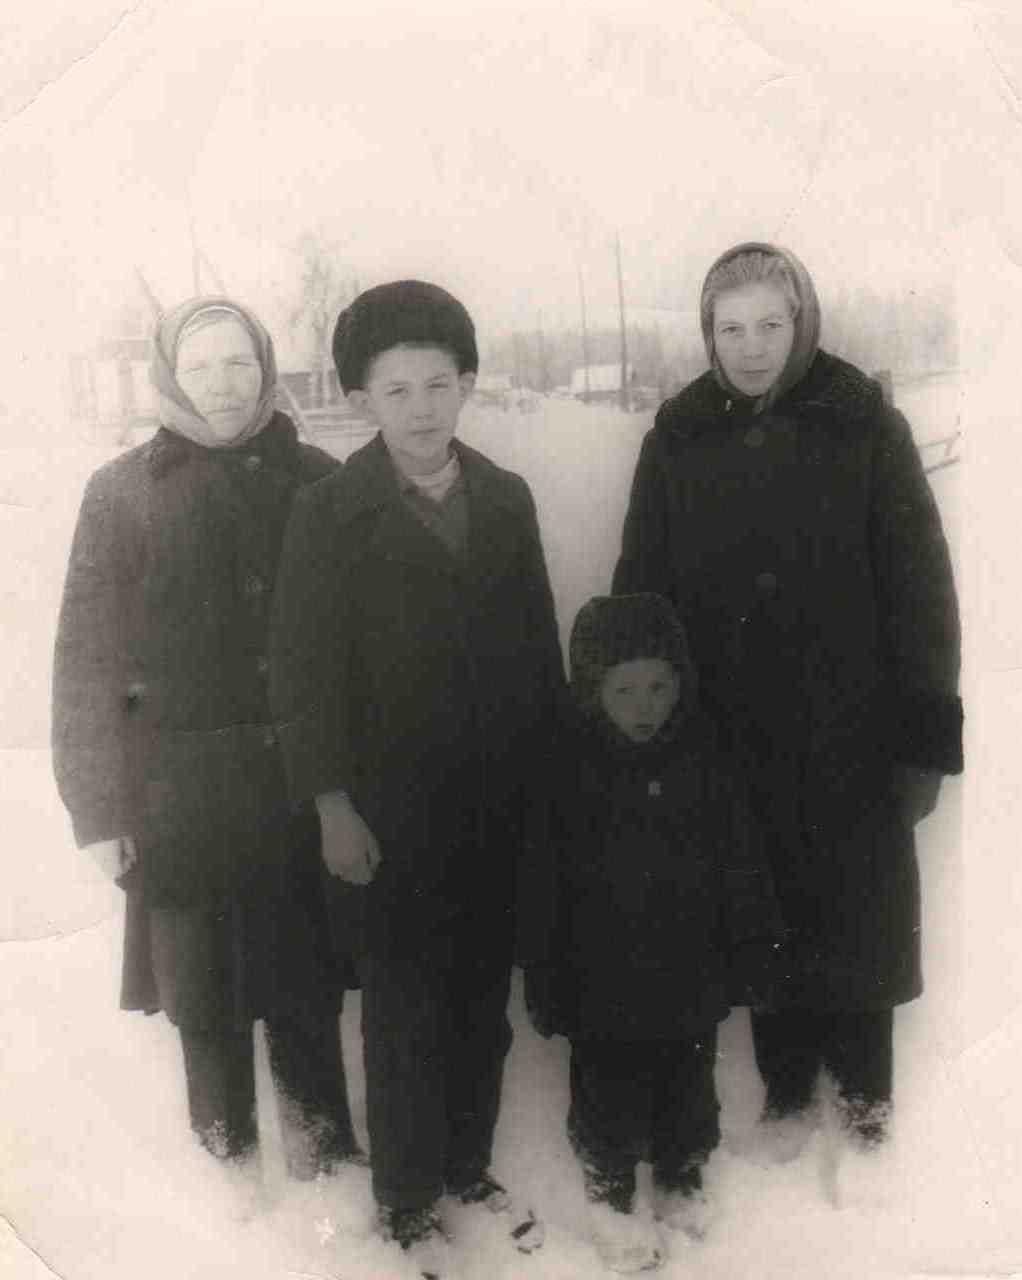 1968, 28 ноября, п. Новая Ёль. Кравец С.Т. (слева), Кравец Р.Н. (справа).